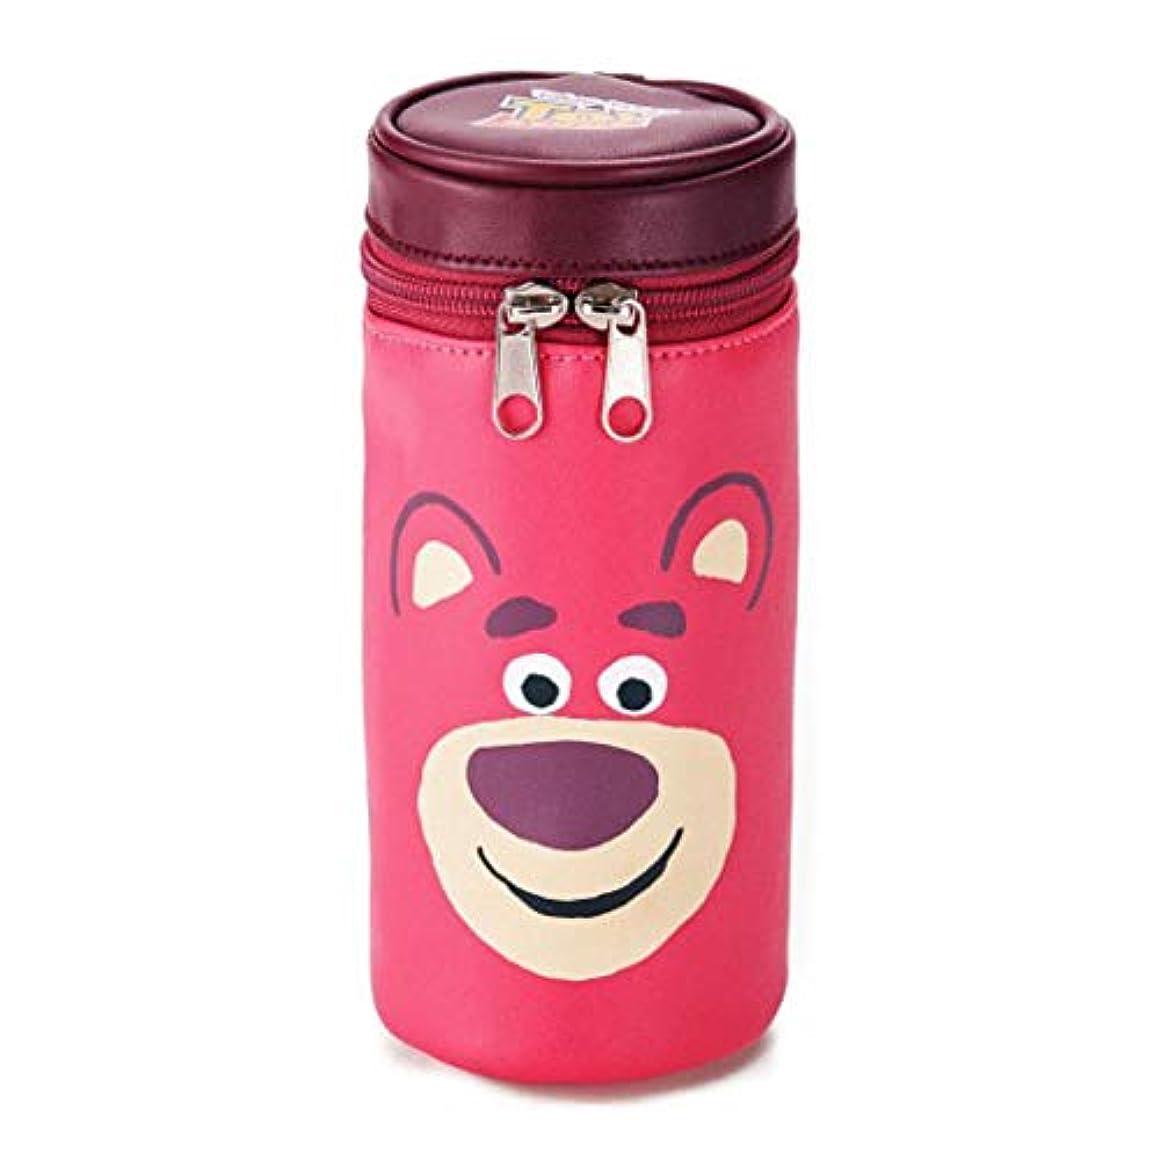 有益な歴史糸[ベルメゾン]ディズニー ポーチ 小物入れ 筒型マルチポーチ カラー ロッツォ(ピンク)